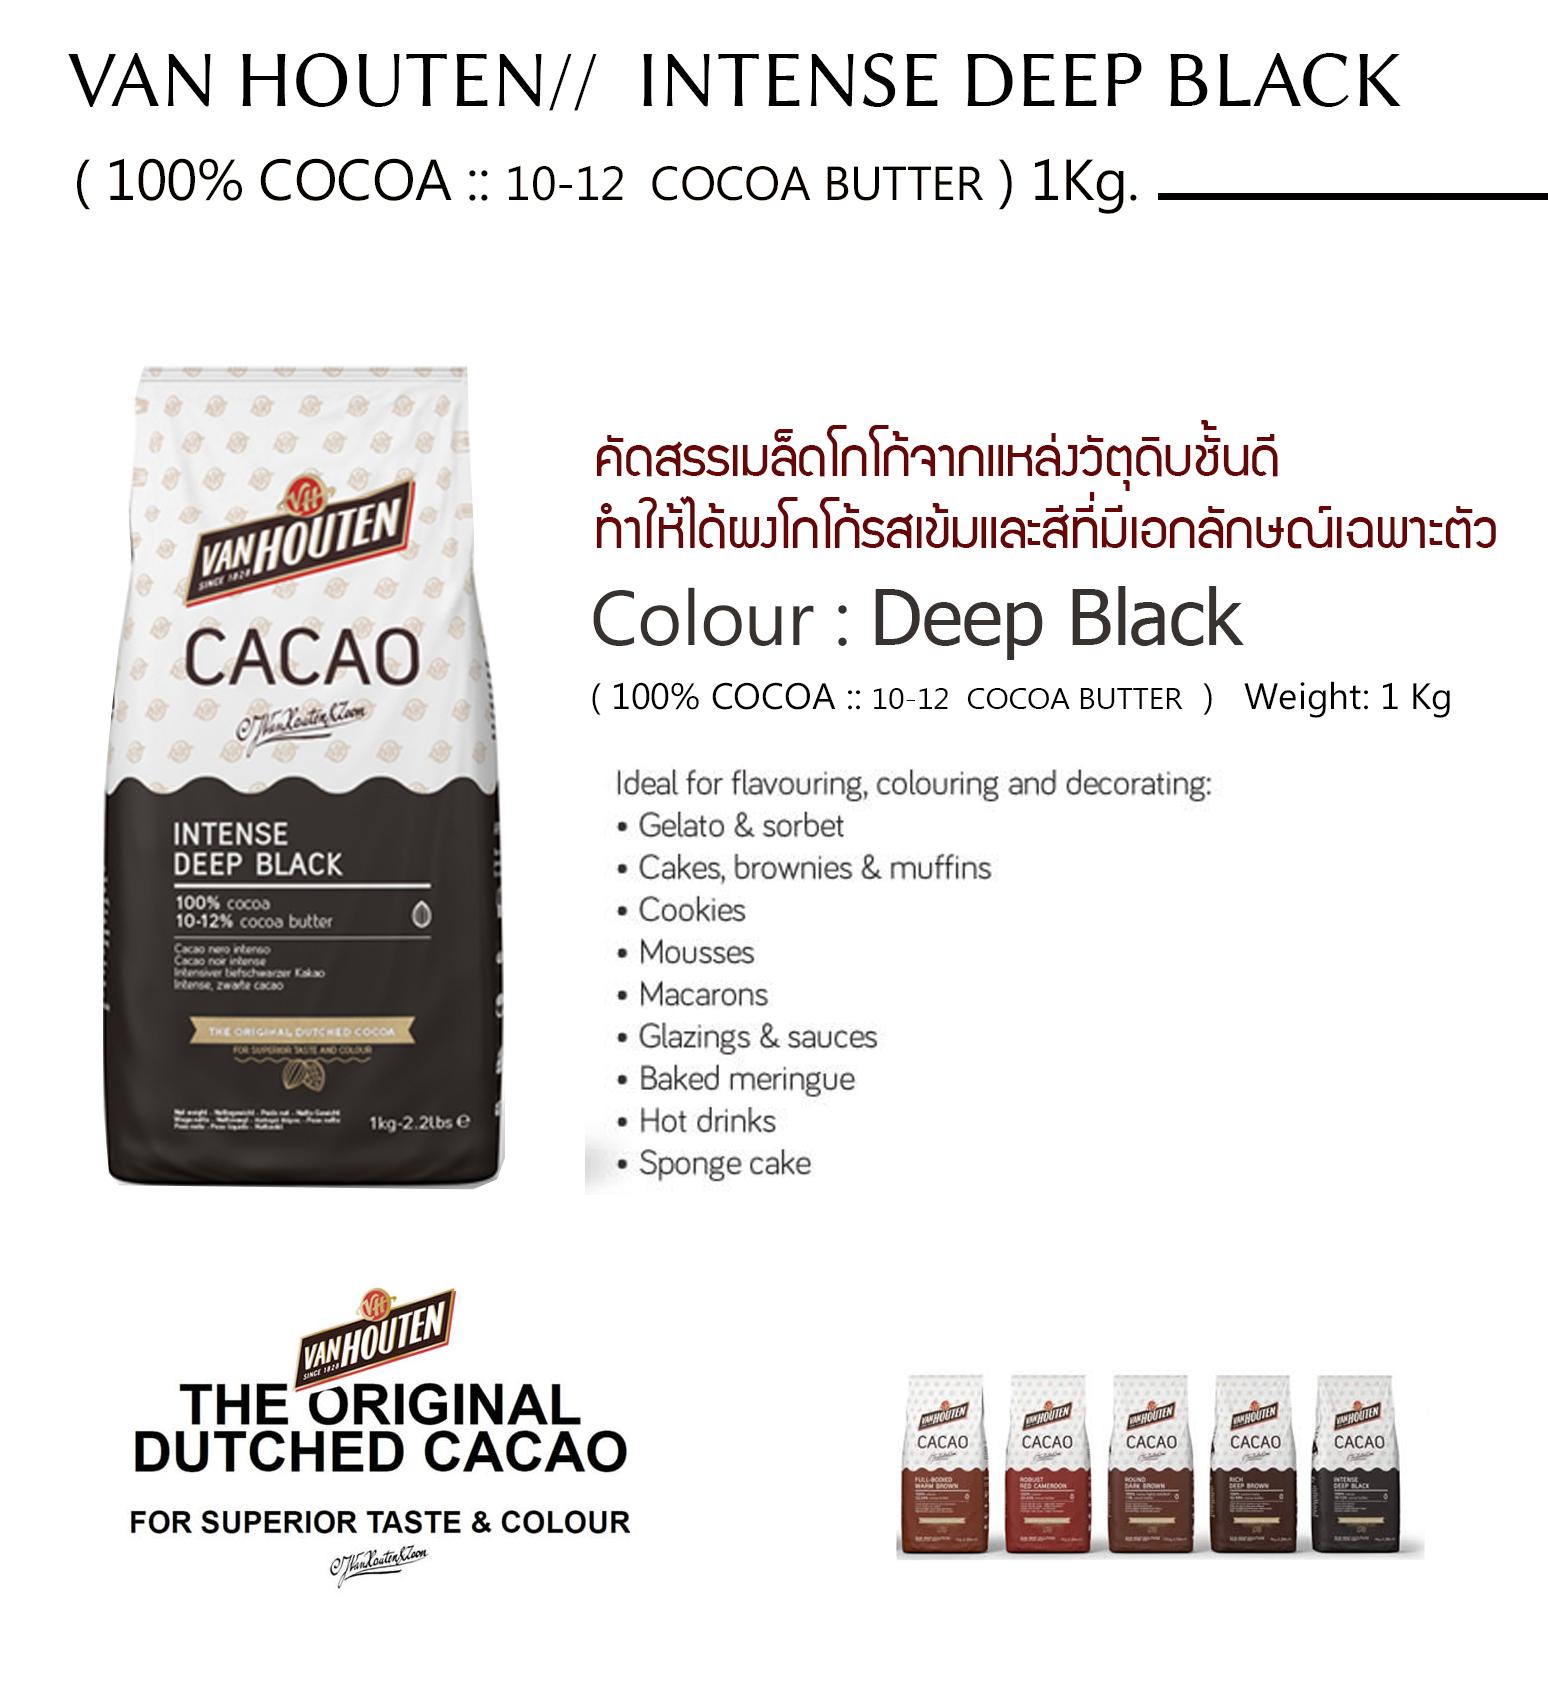 VAN HOUTEN// INTENSE DEEP BLACK (100% COCOA ) 1 Kg